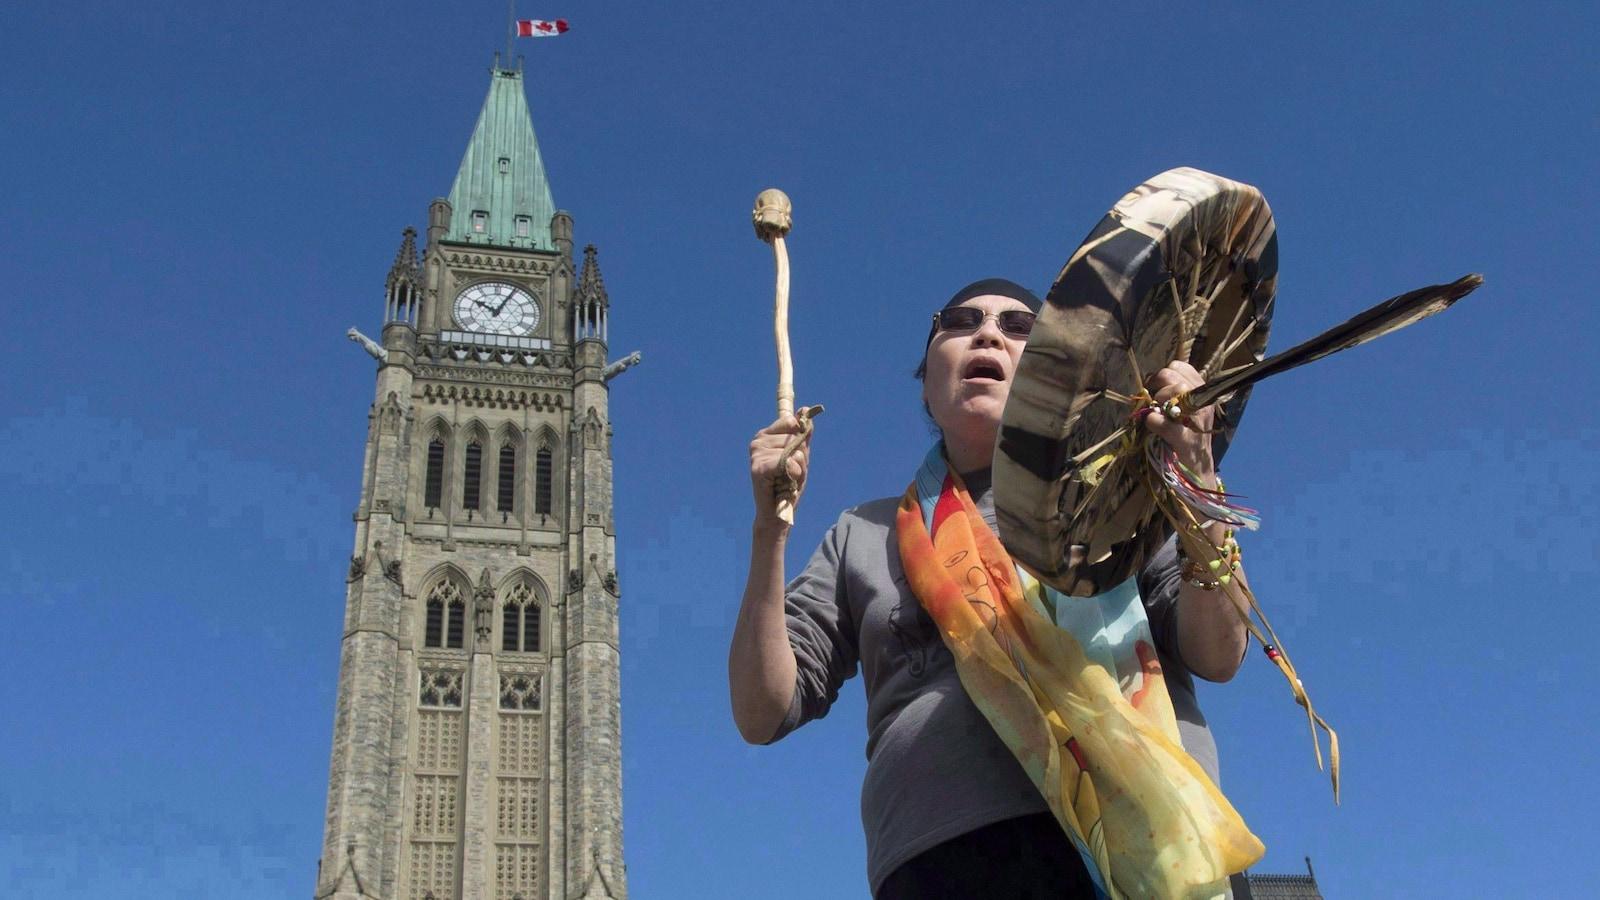 Une femme autochtone joue du tambourin devant l'édifice du Parlement à Ottawa.